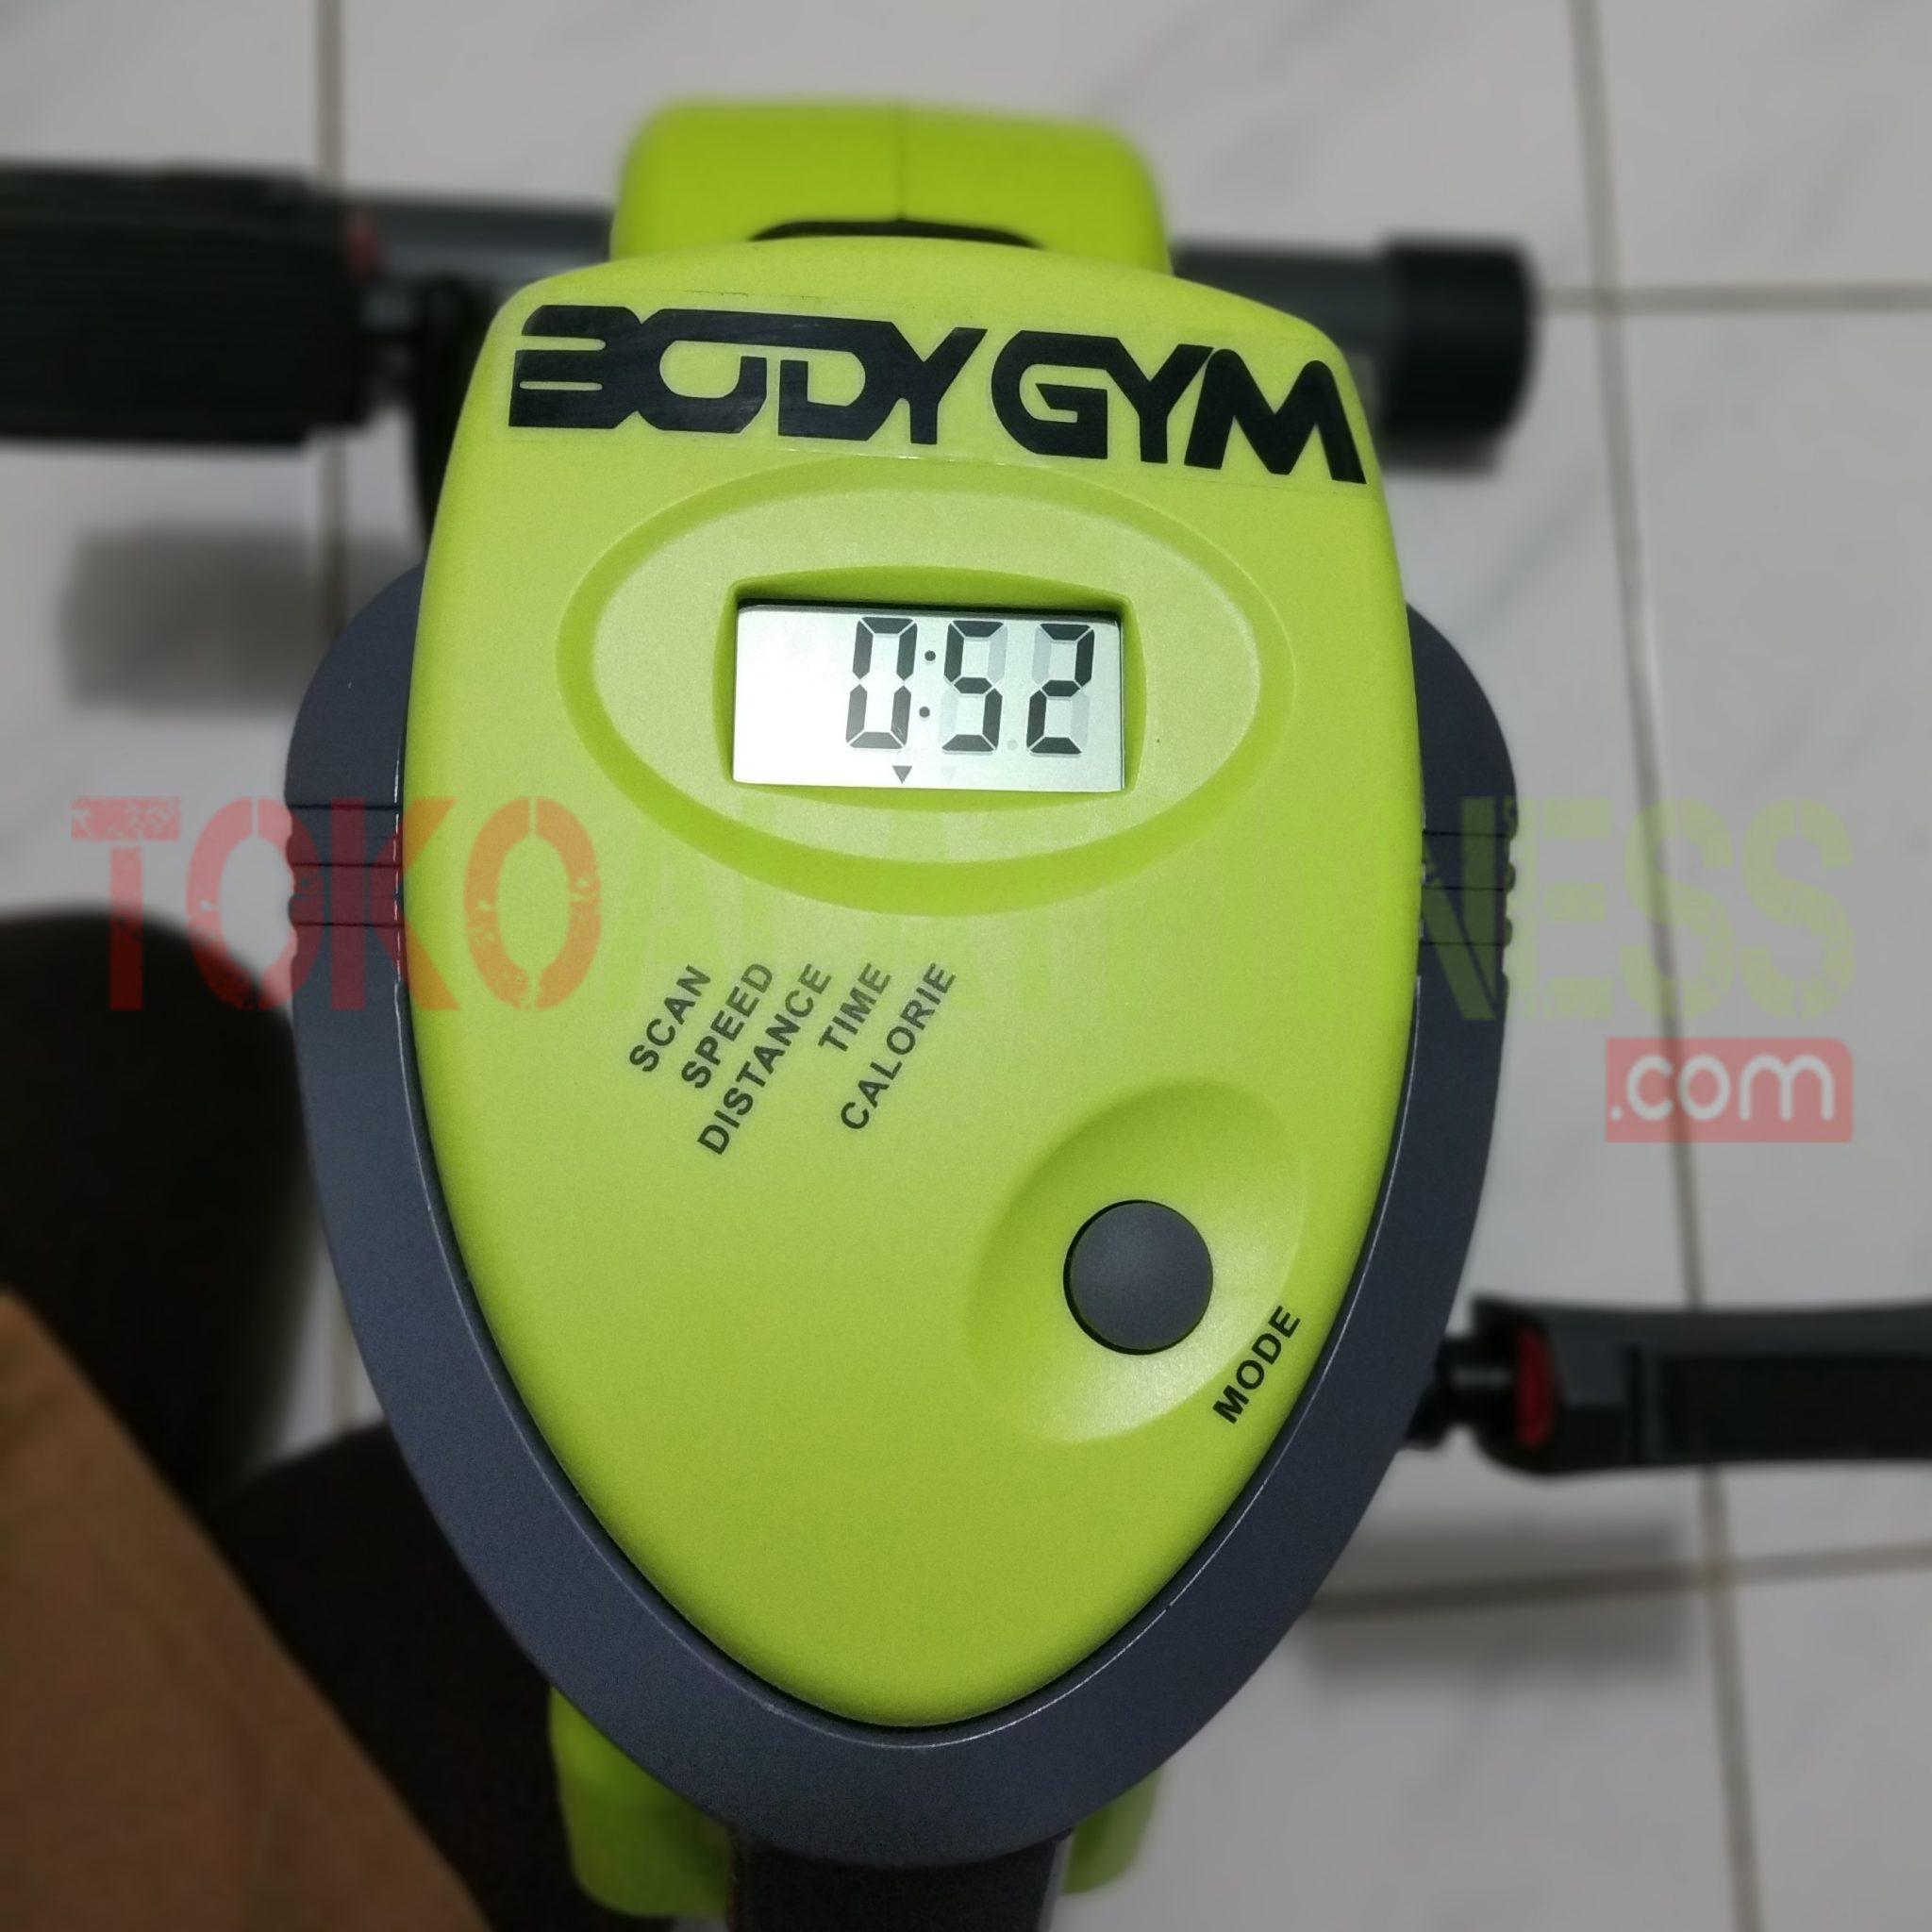 Recumbent Bike ID 630 WTM 2 - Recumbent X Bike Body Gym